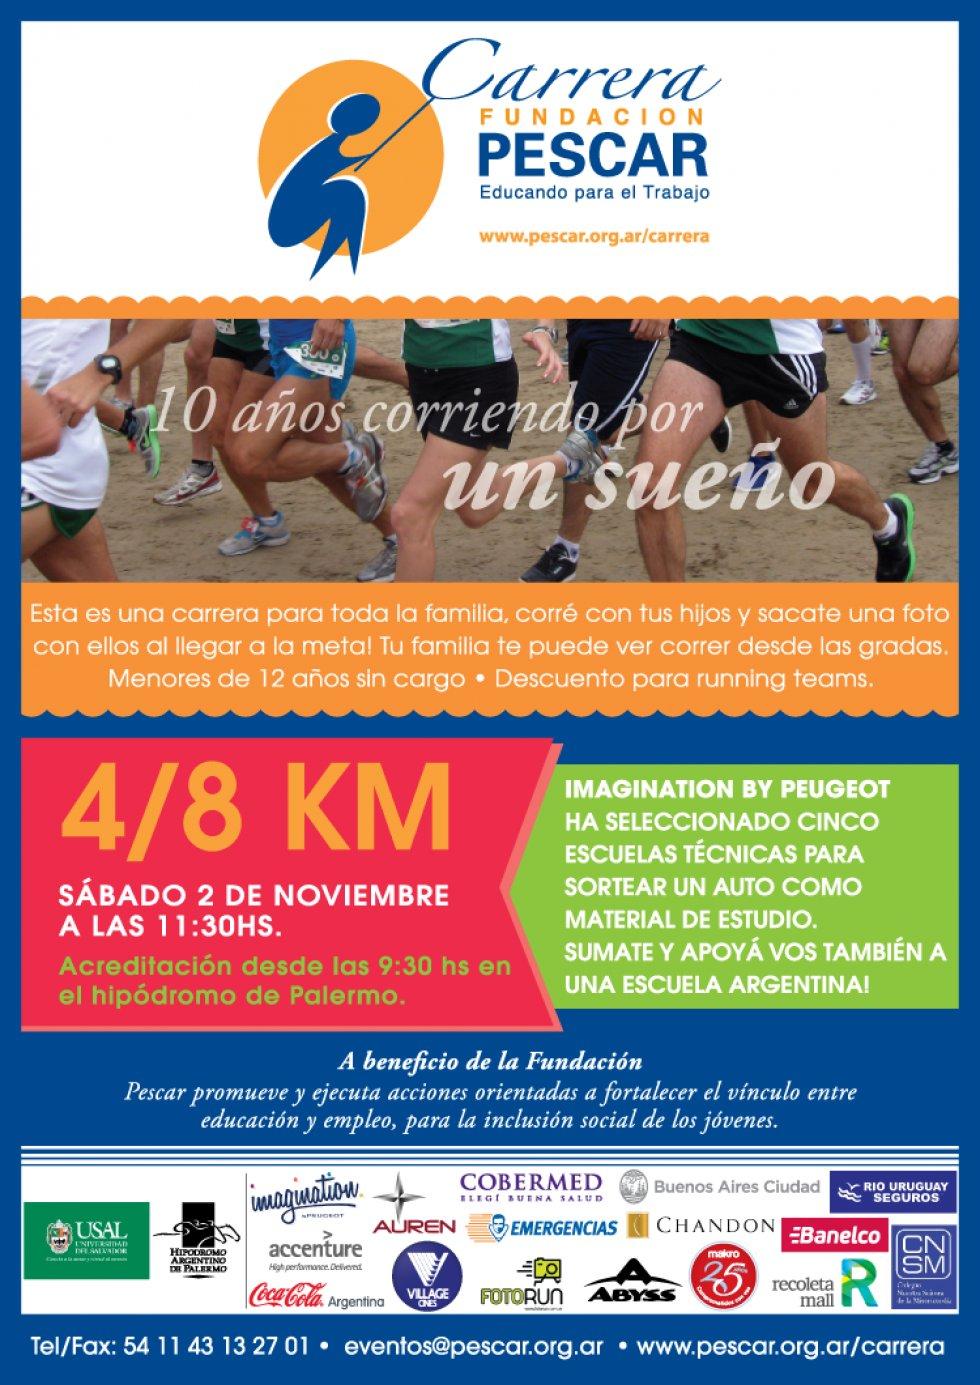 Maratón Fundación Pescar